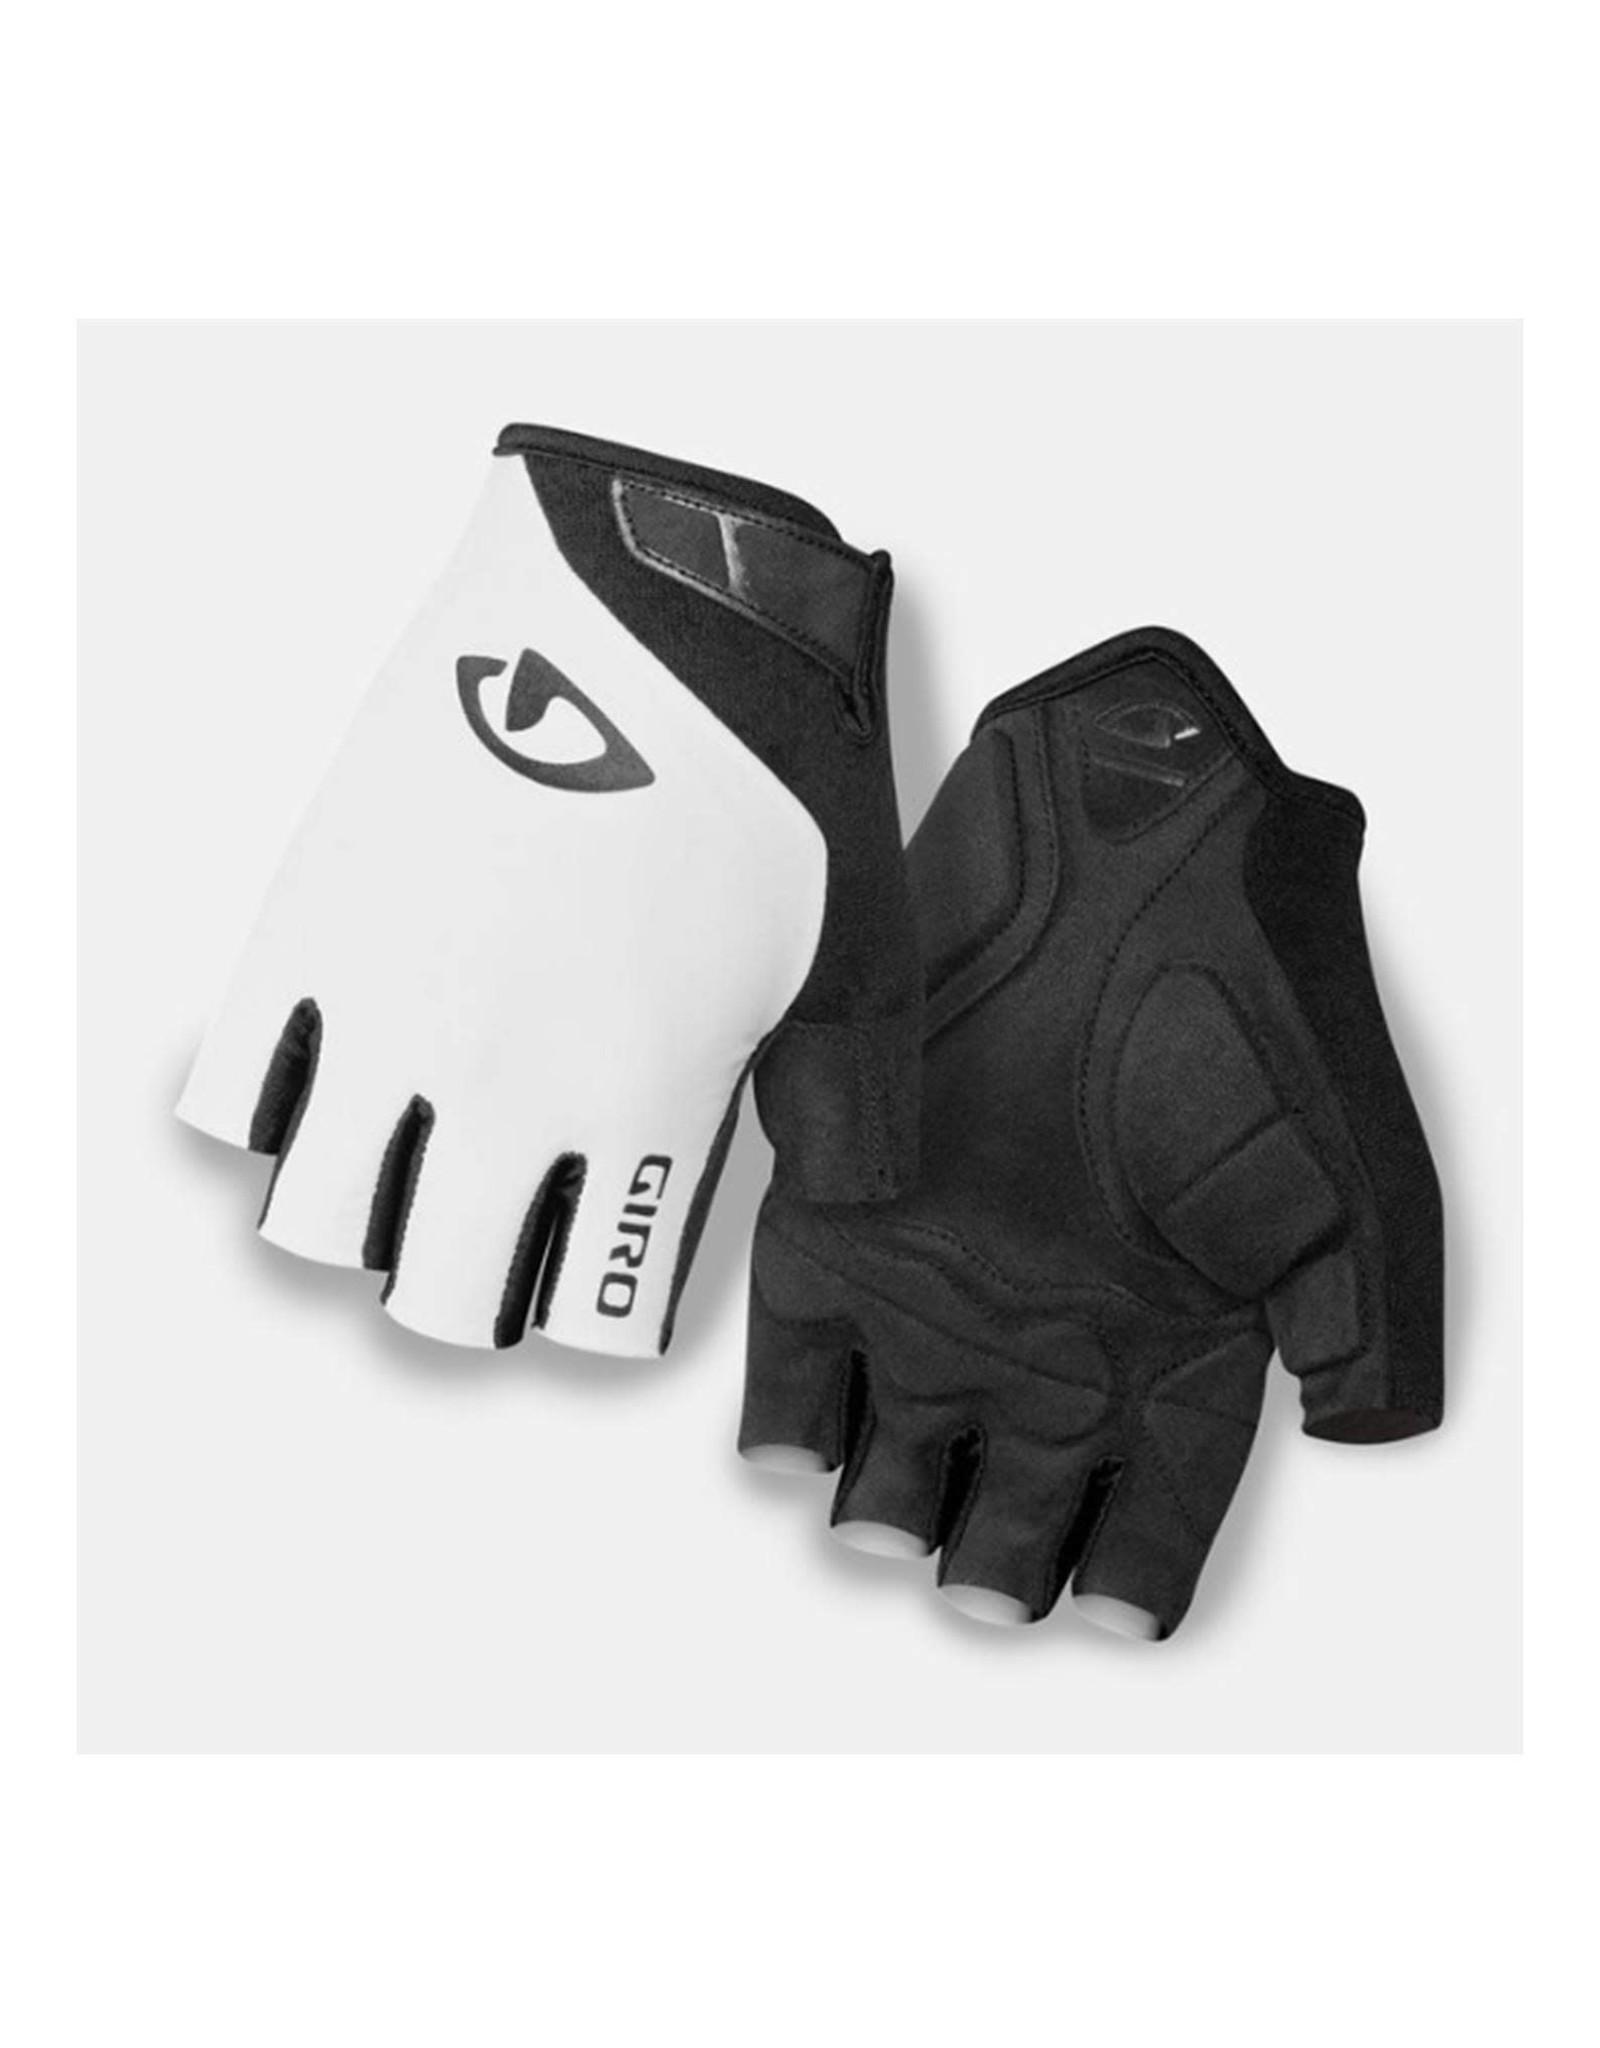 Giro Jag Short Finger Glove White